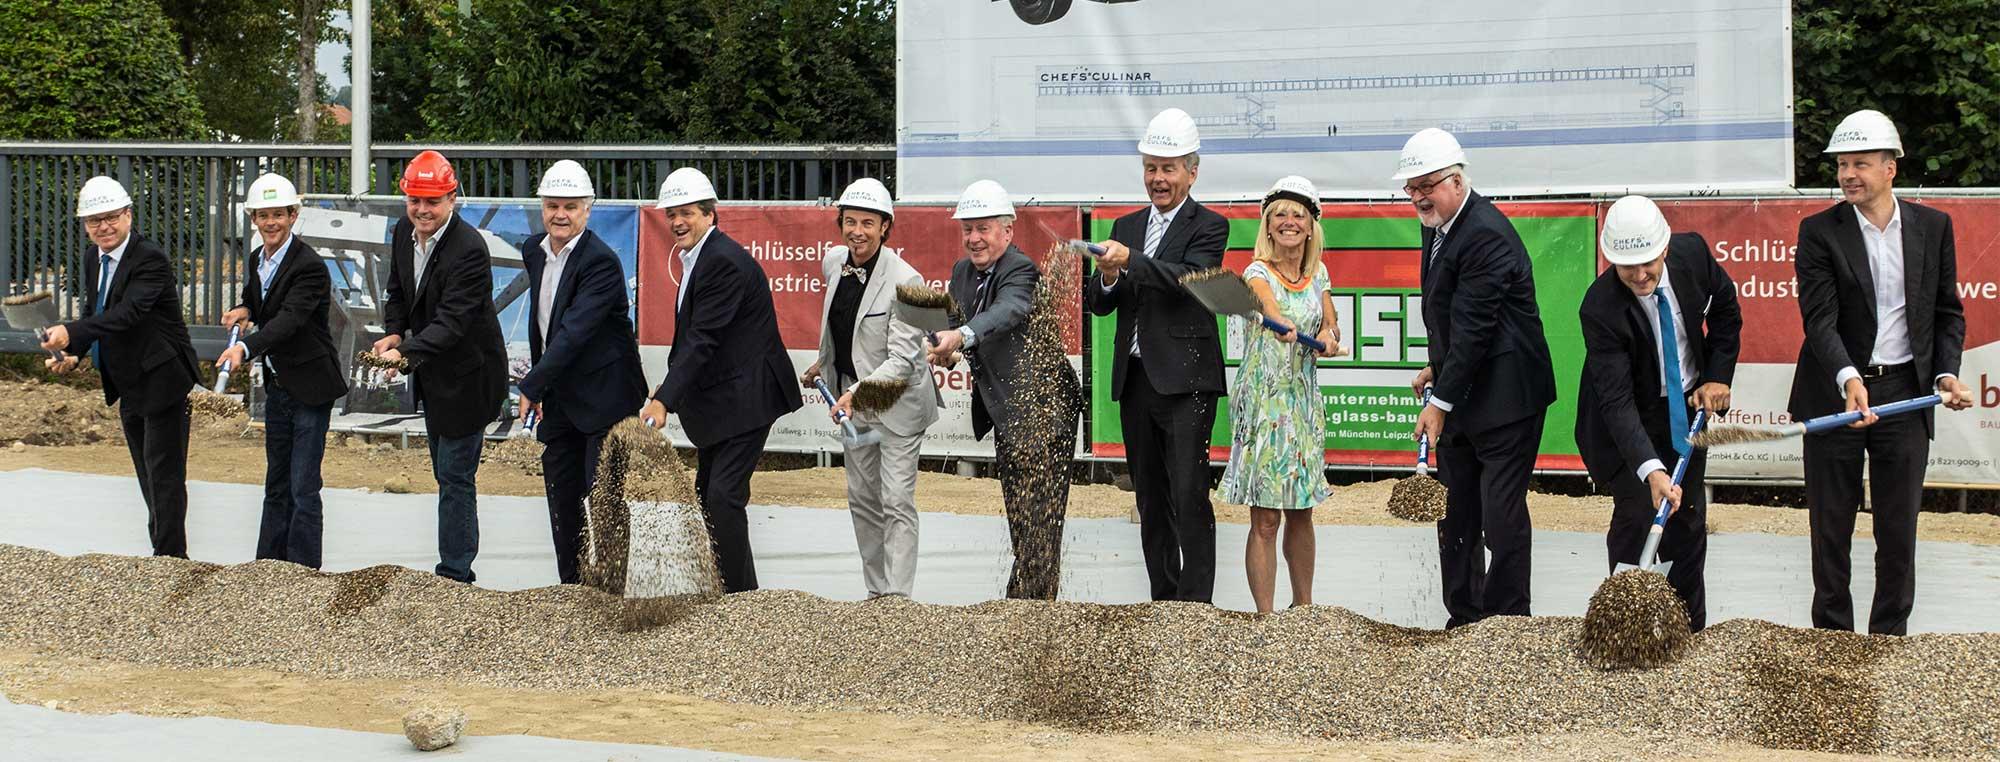 CHEFS CULINAR feiert Spatenstich für die 20 Mio. Euro Standorterweiterung in Zusmarshausen